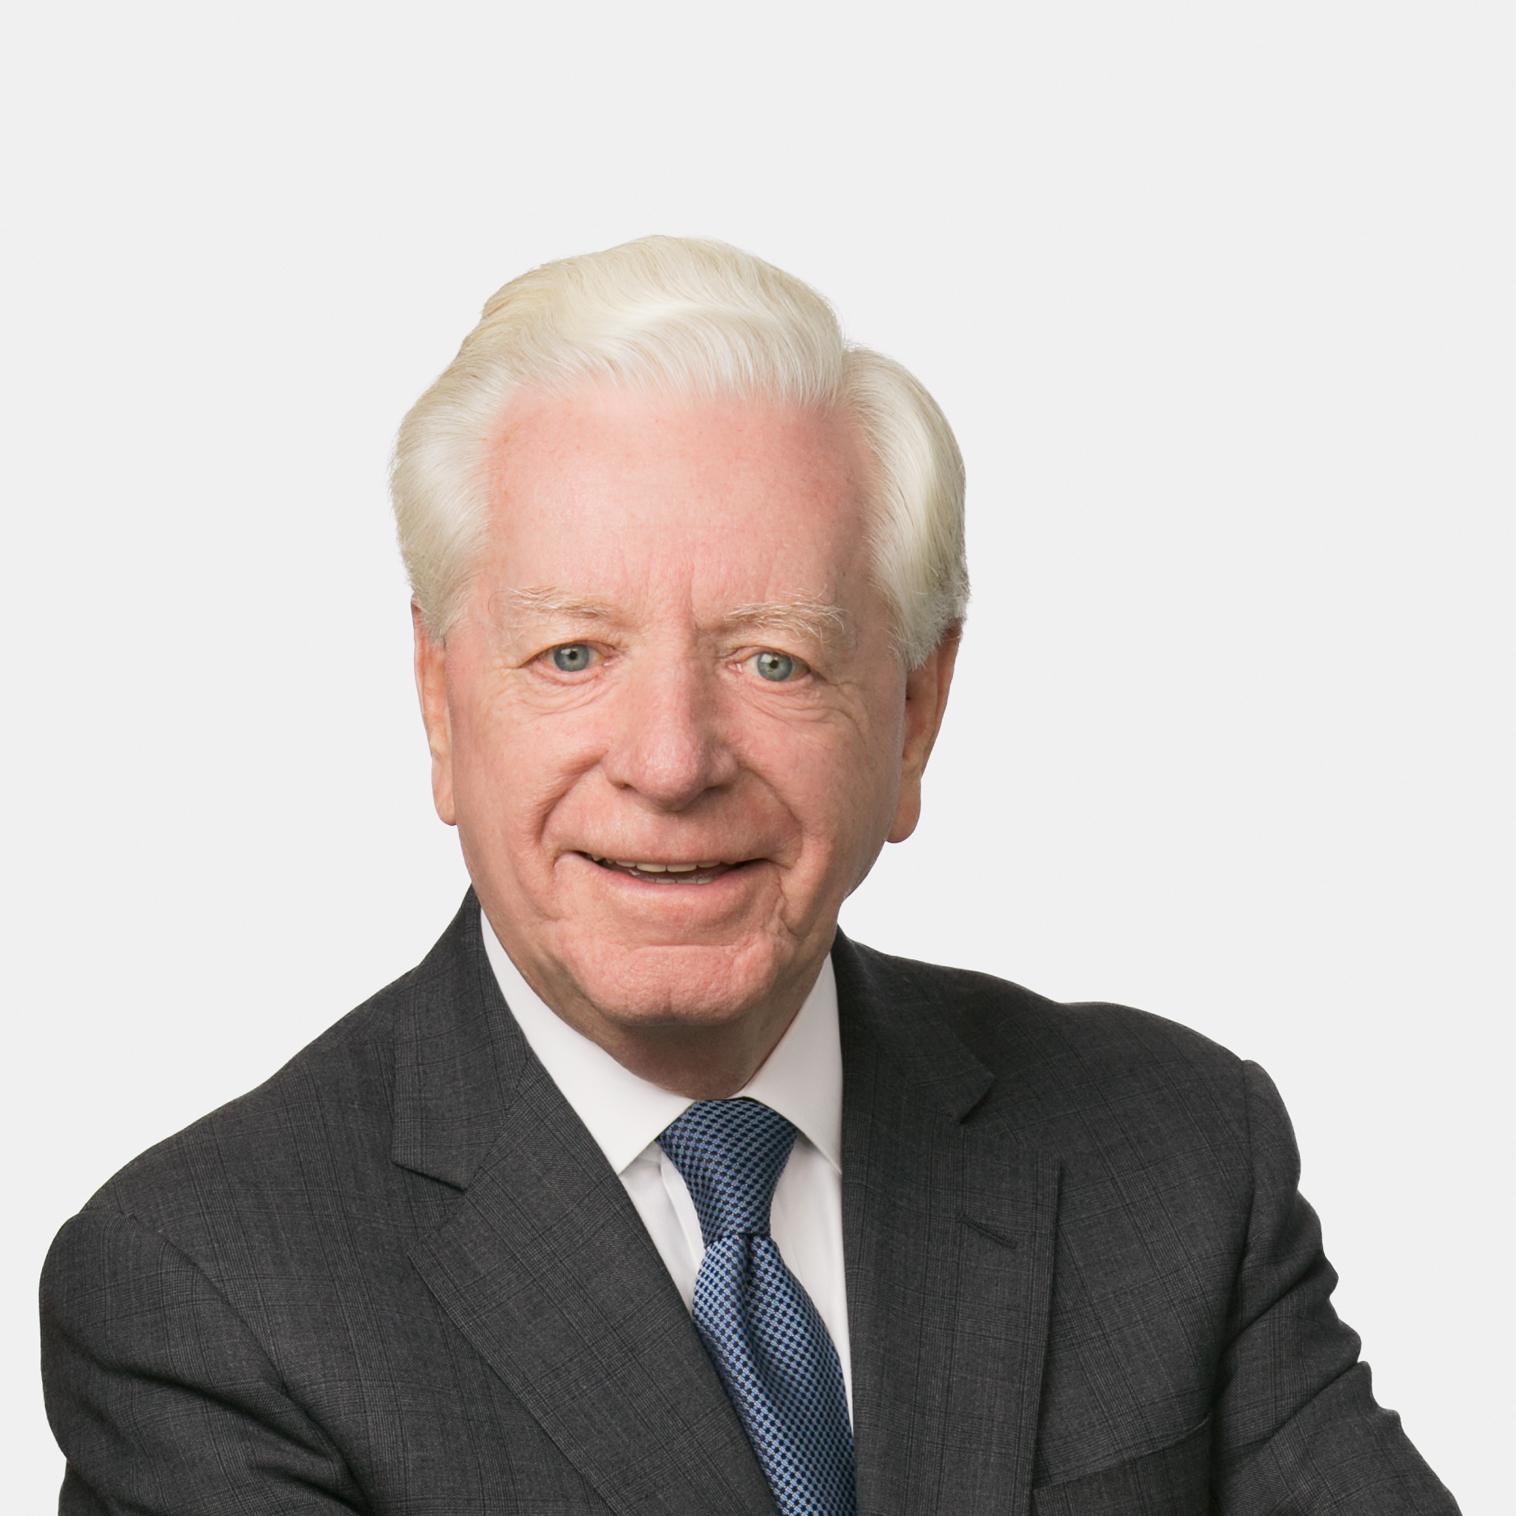 John J. ('Jack') George